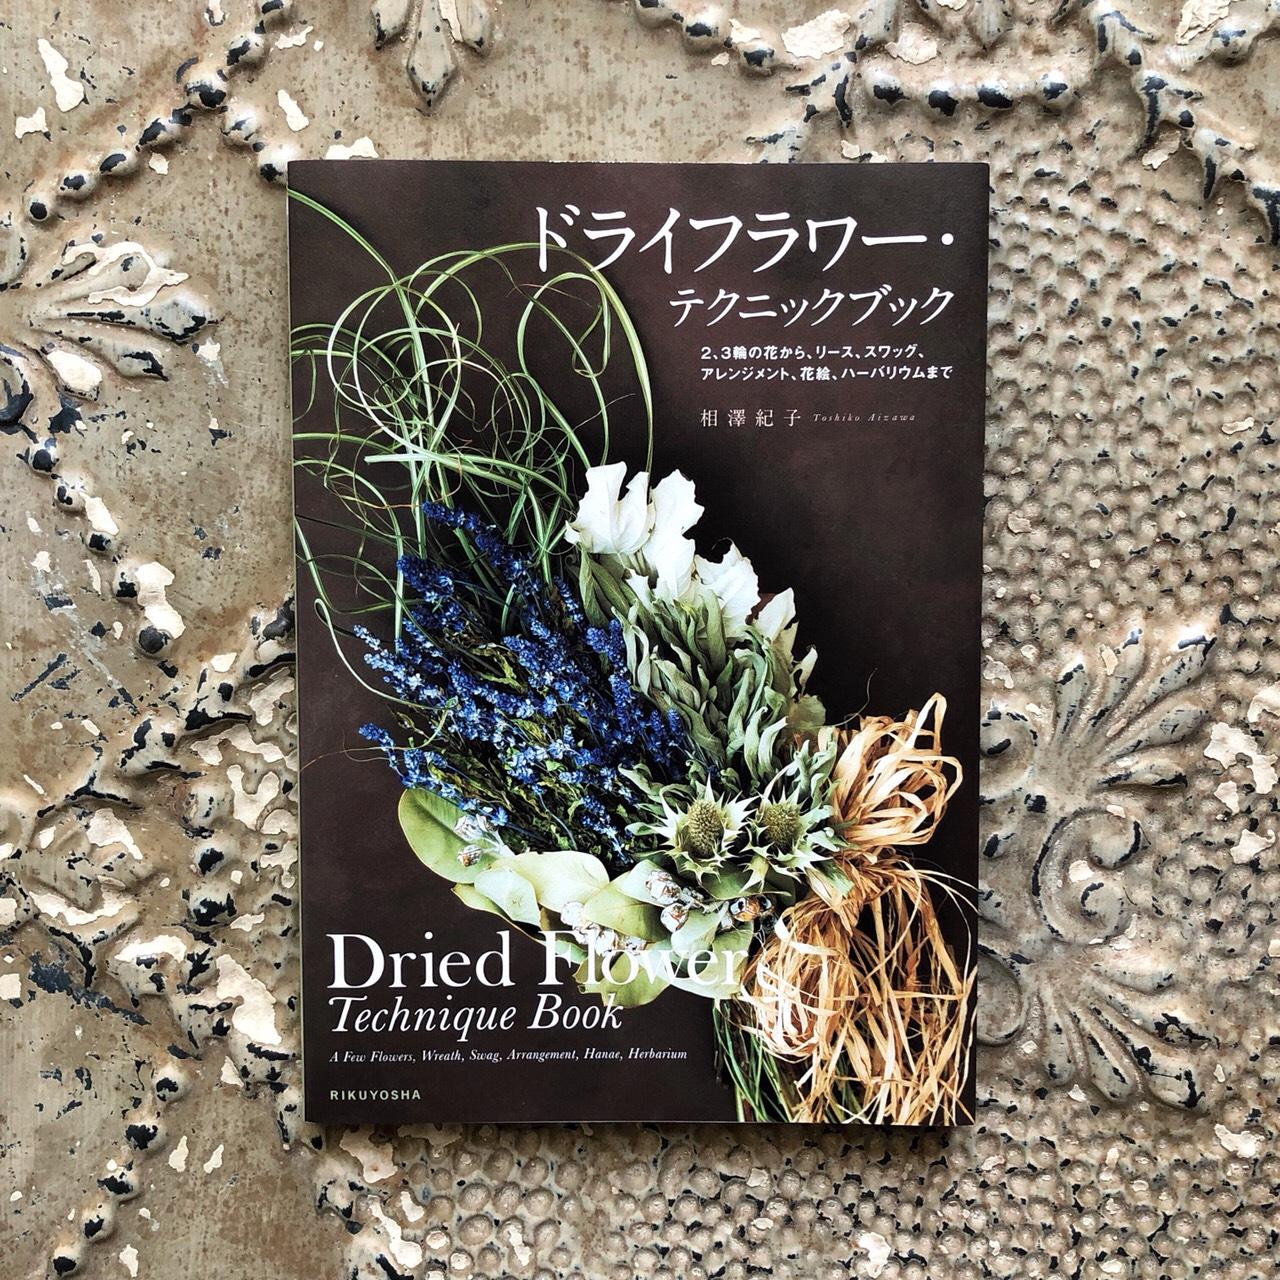 新刊【ドライフラワー・テクニックブック】出版のお知らせ